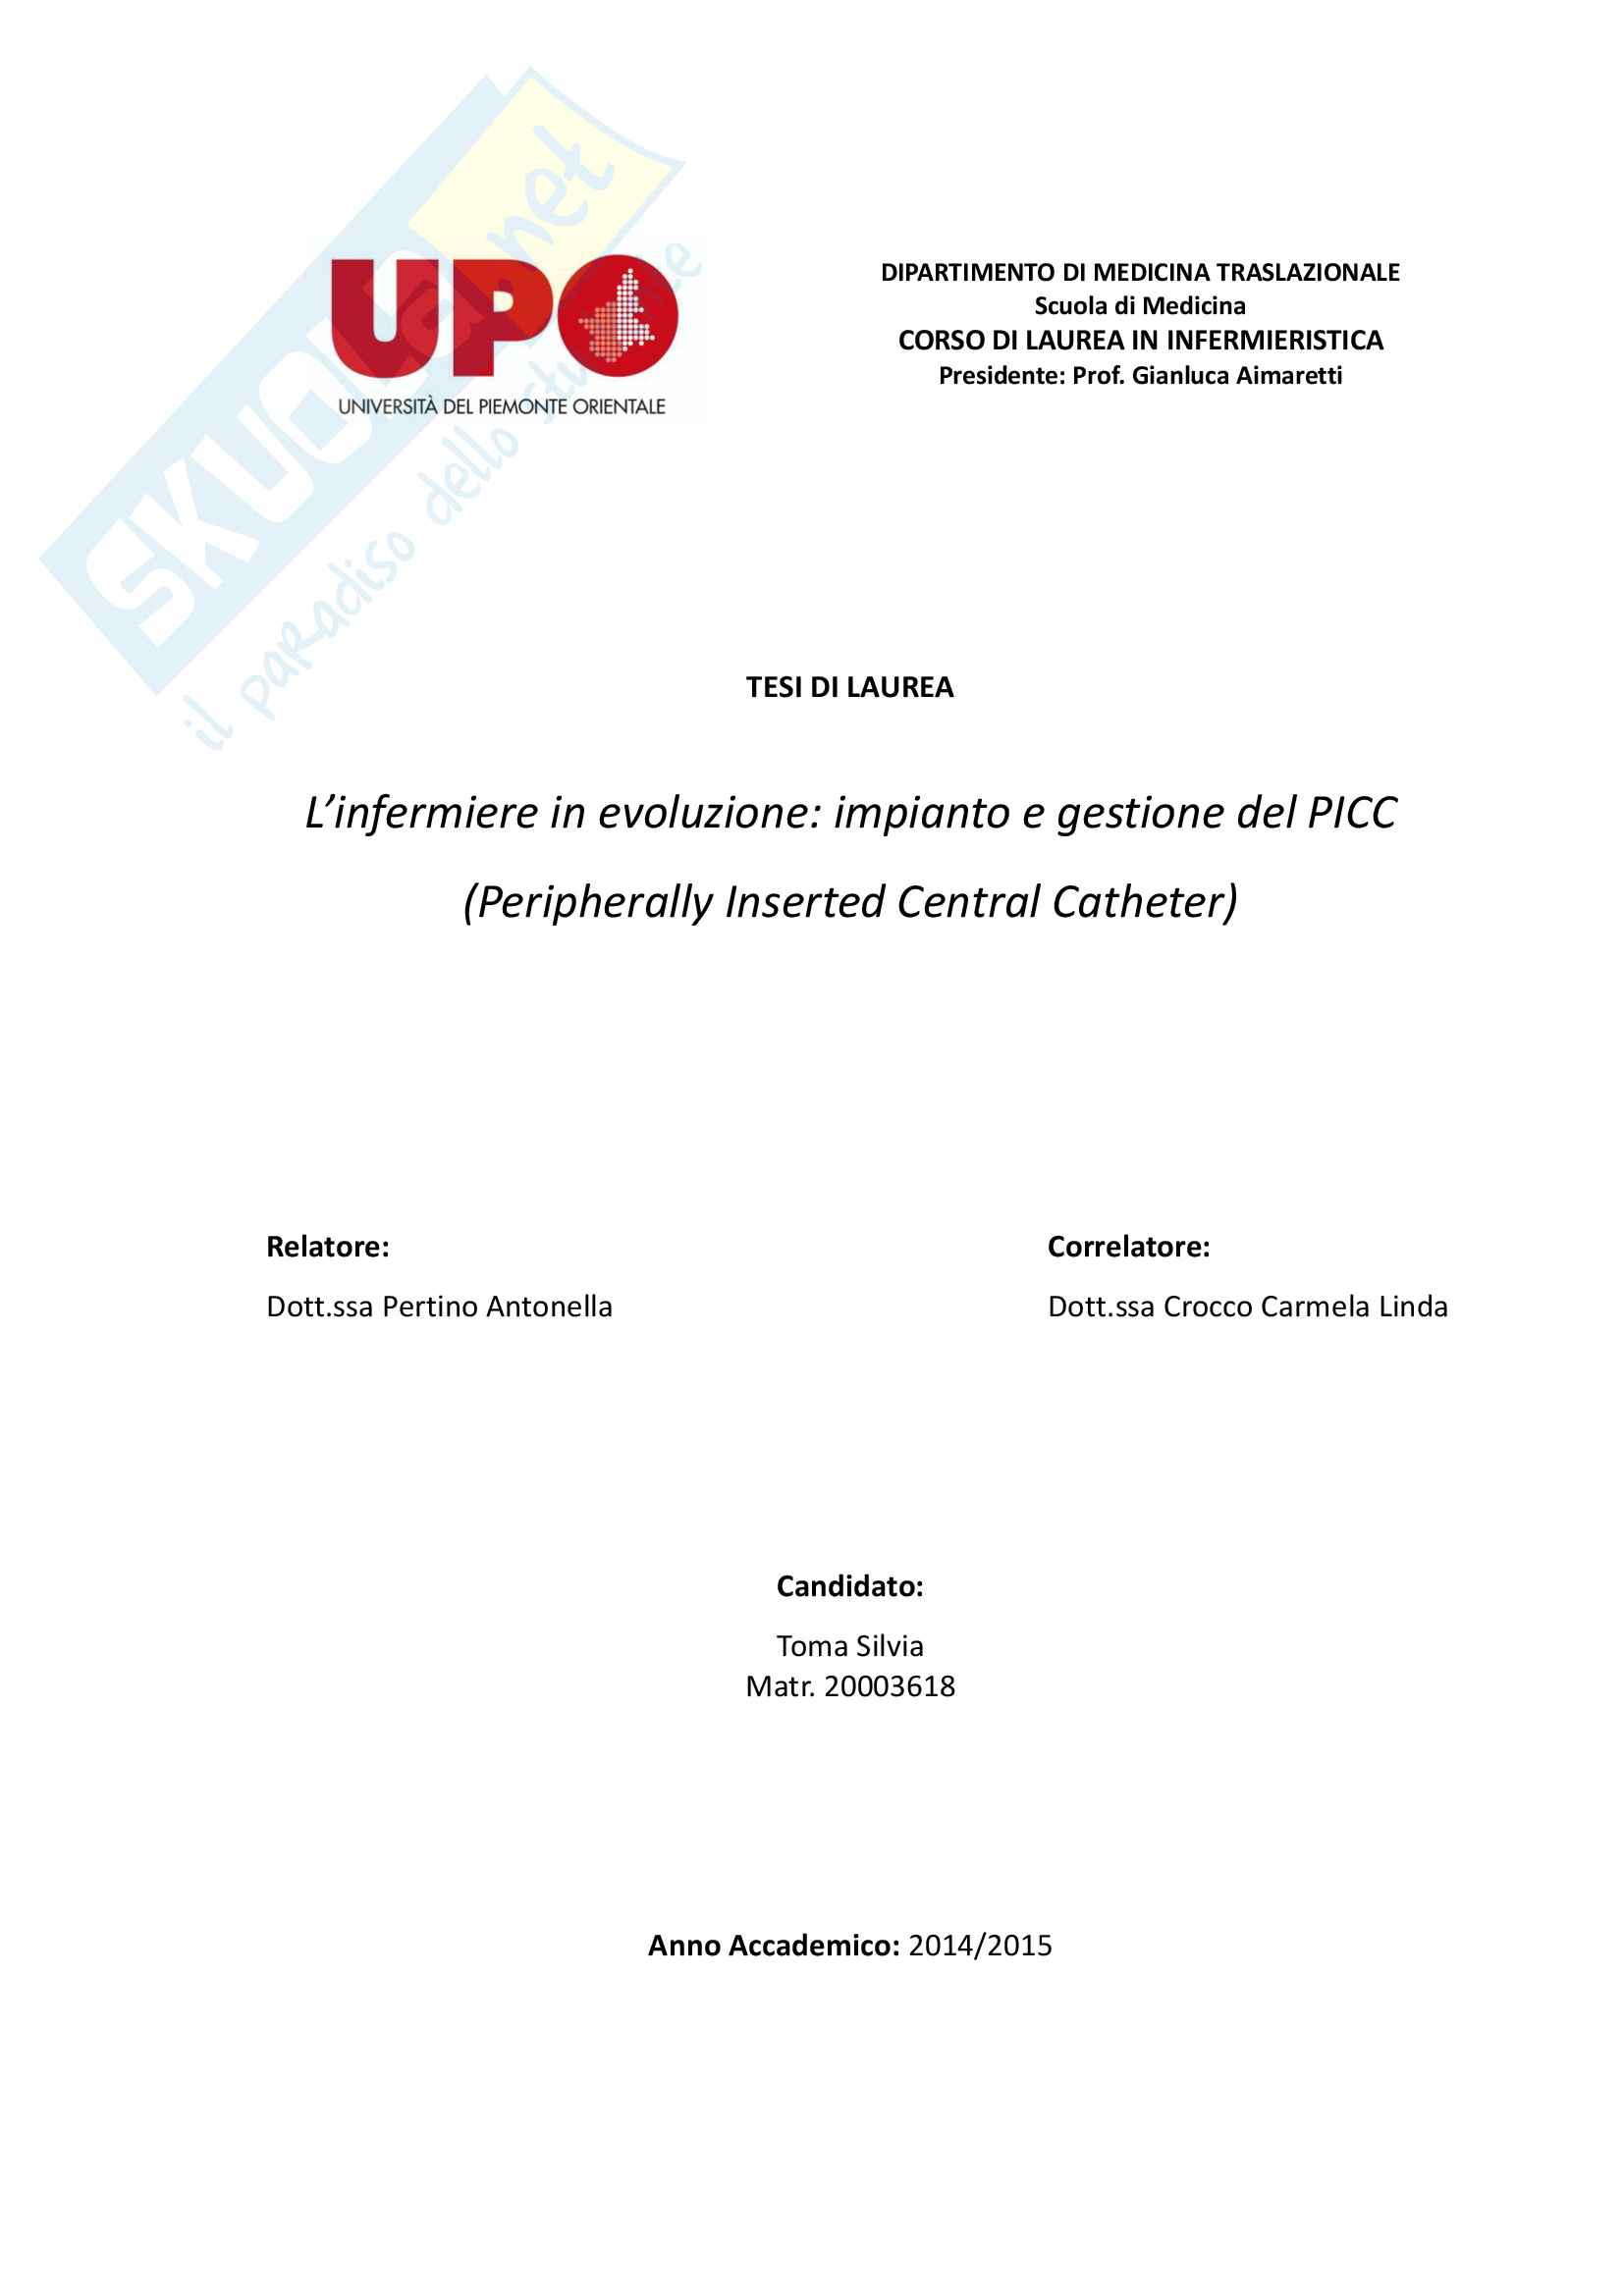 L'infermiere in evoluzione: impianto e gestione del PICC (Peripherally Inserted Central Catheter)